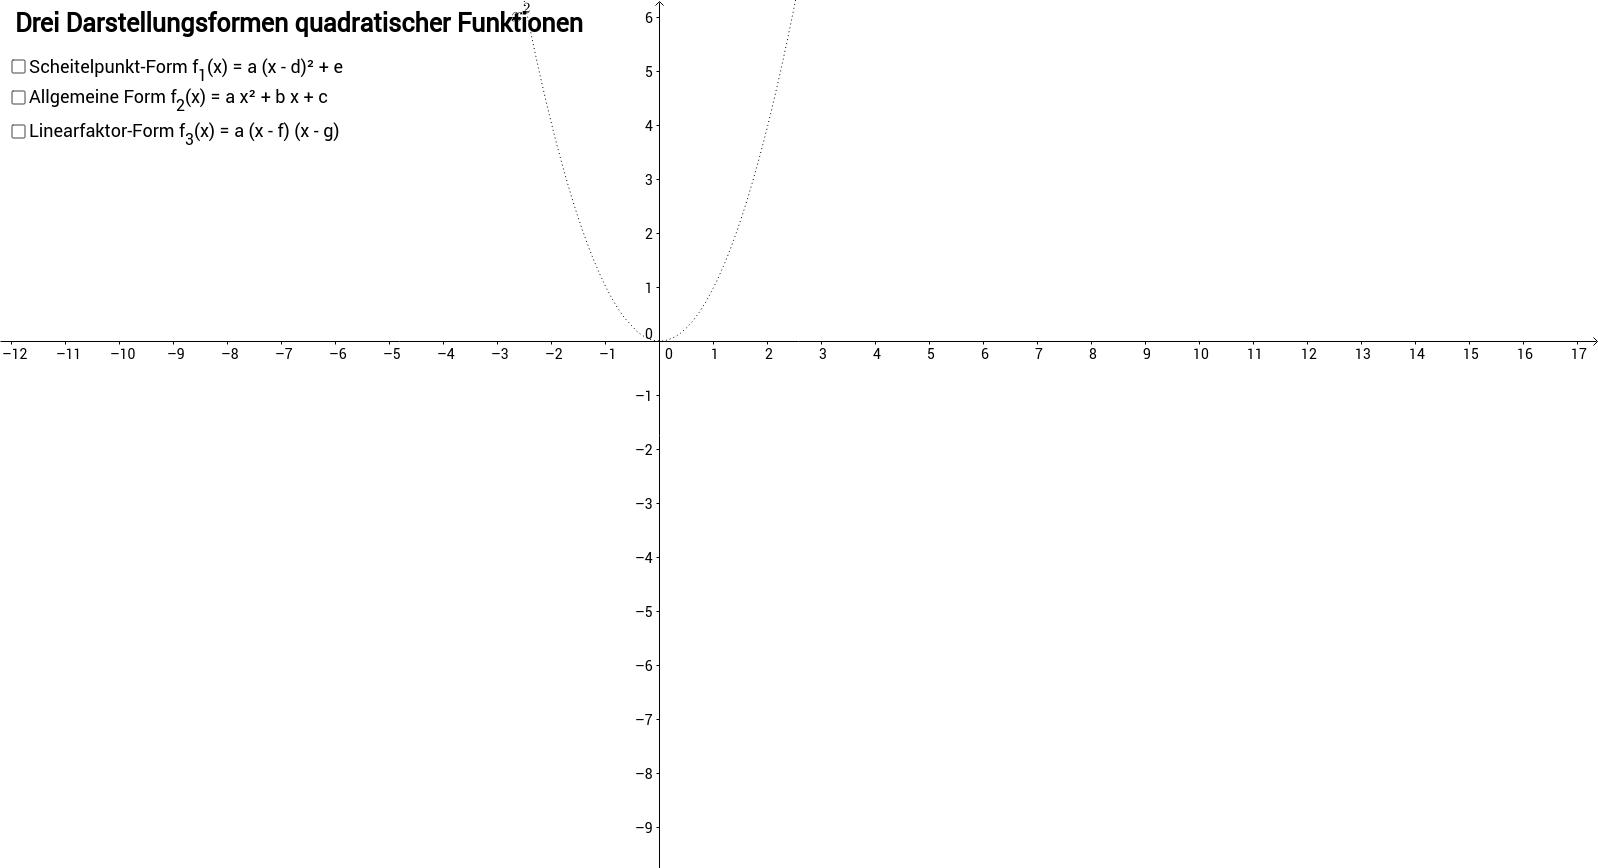 Quadratische Funktionen - Drei Darstellungsformen